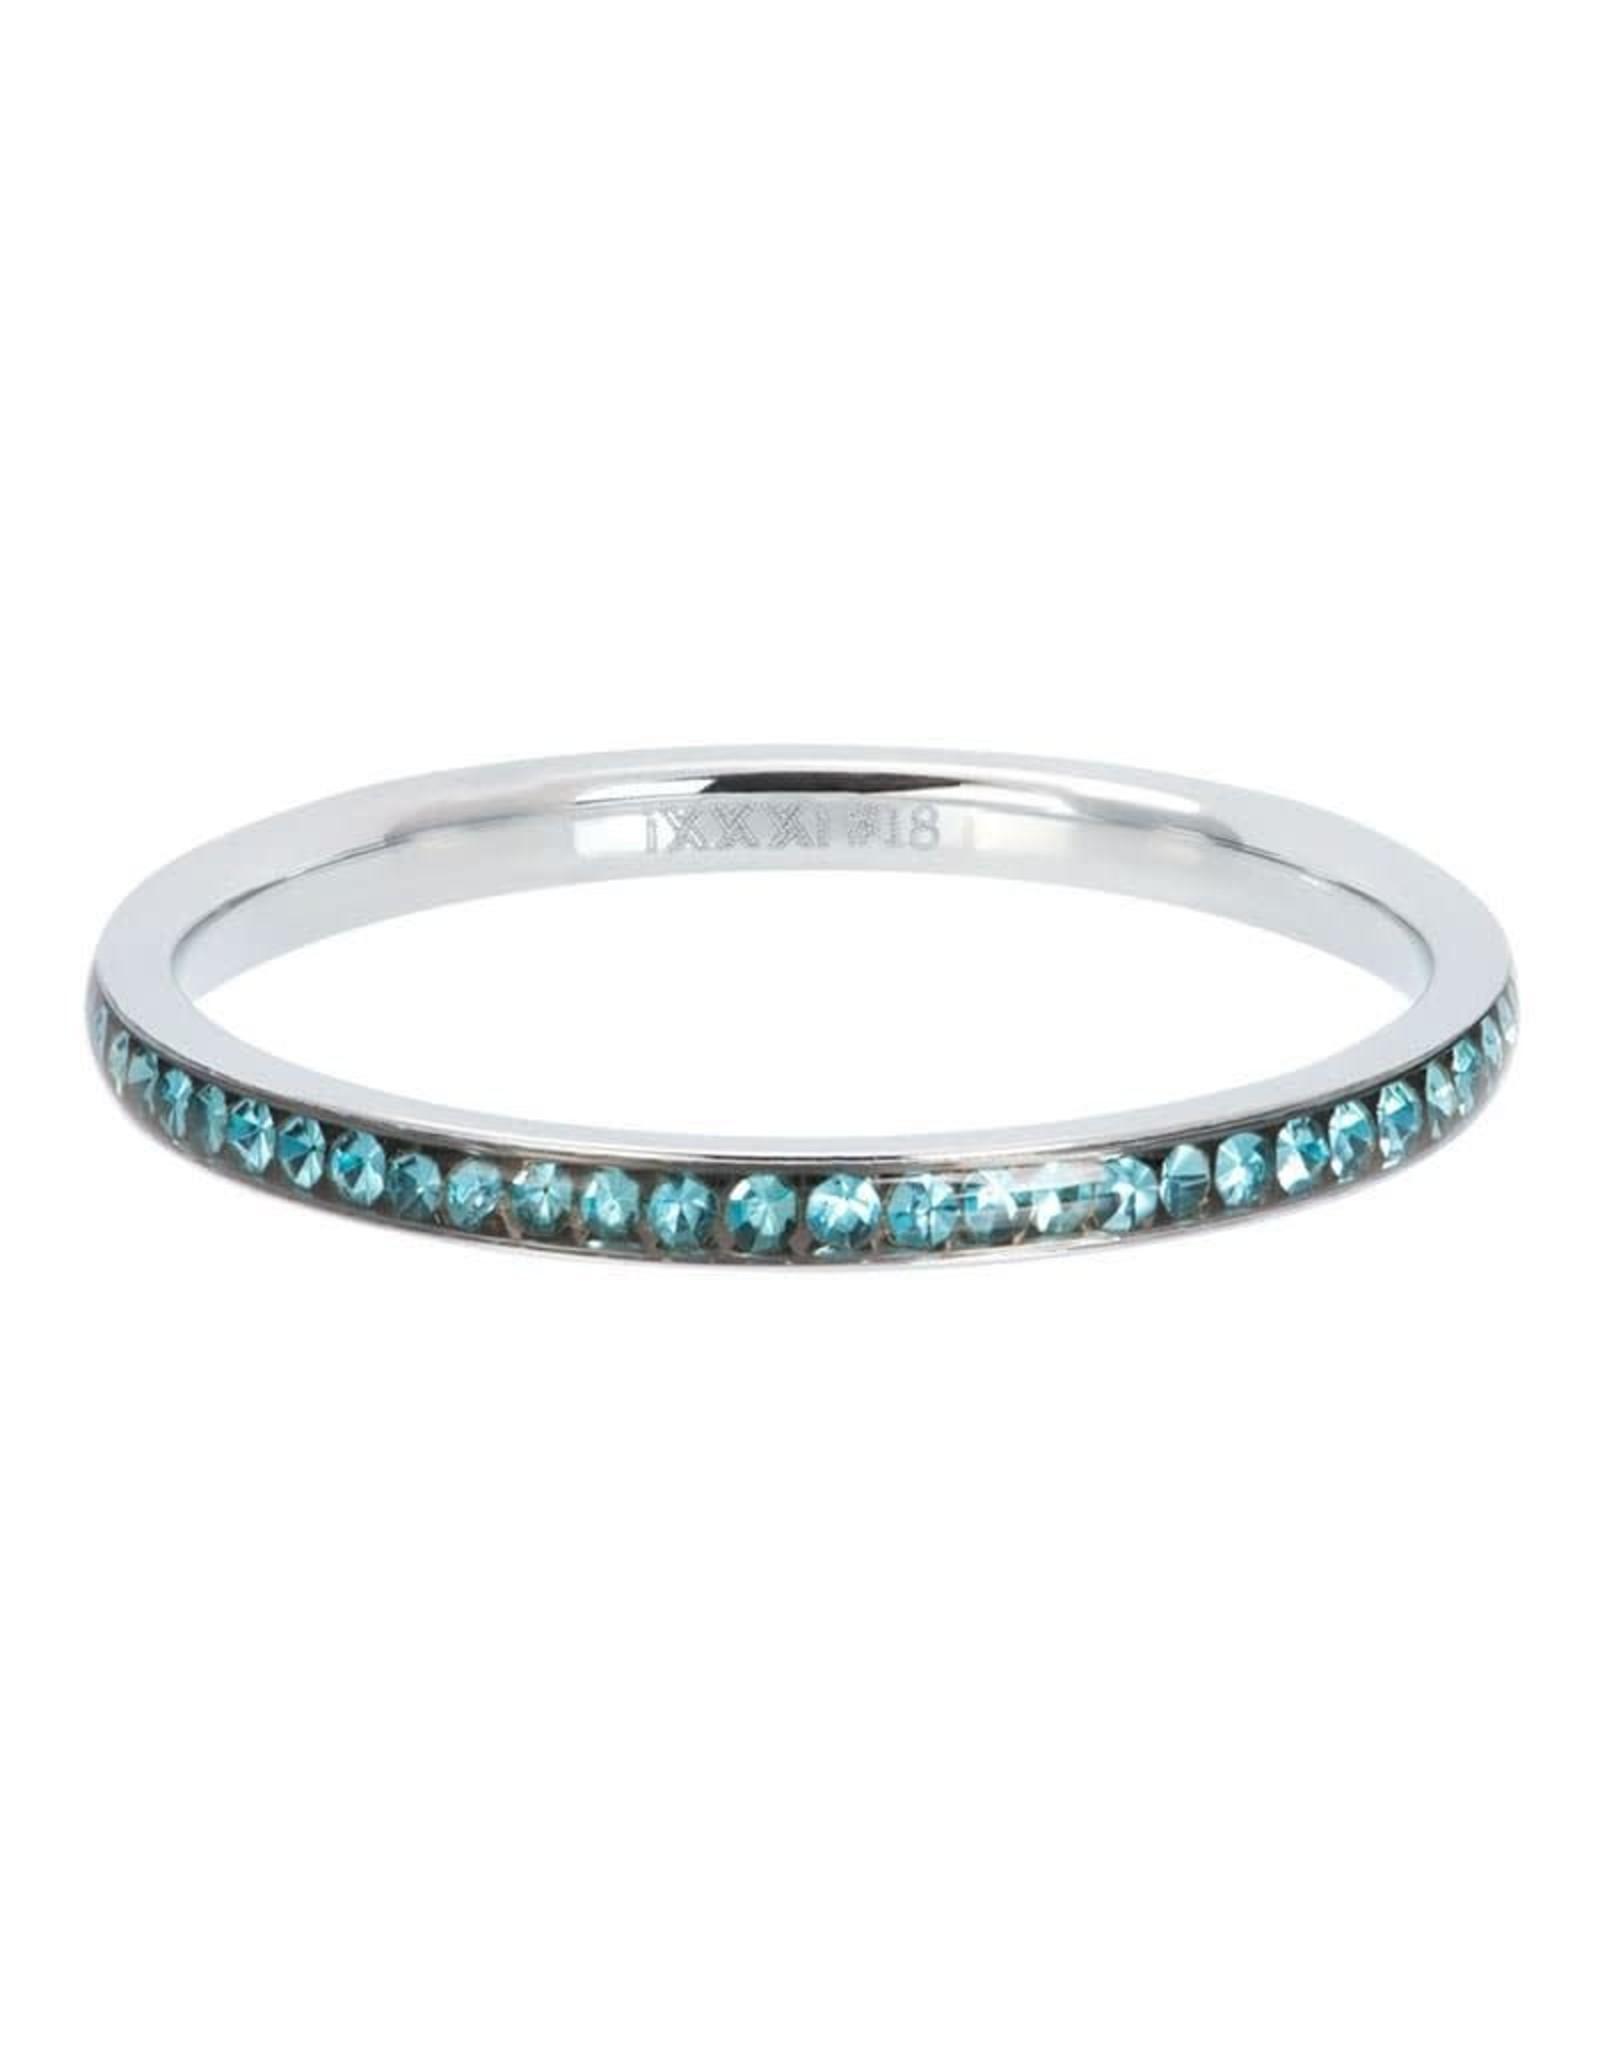 iXXXi Jewelry iXXXi vulring zirconia bohemian